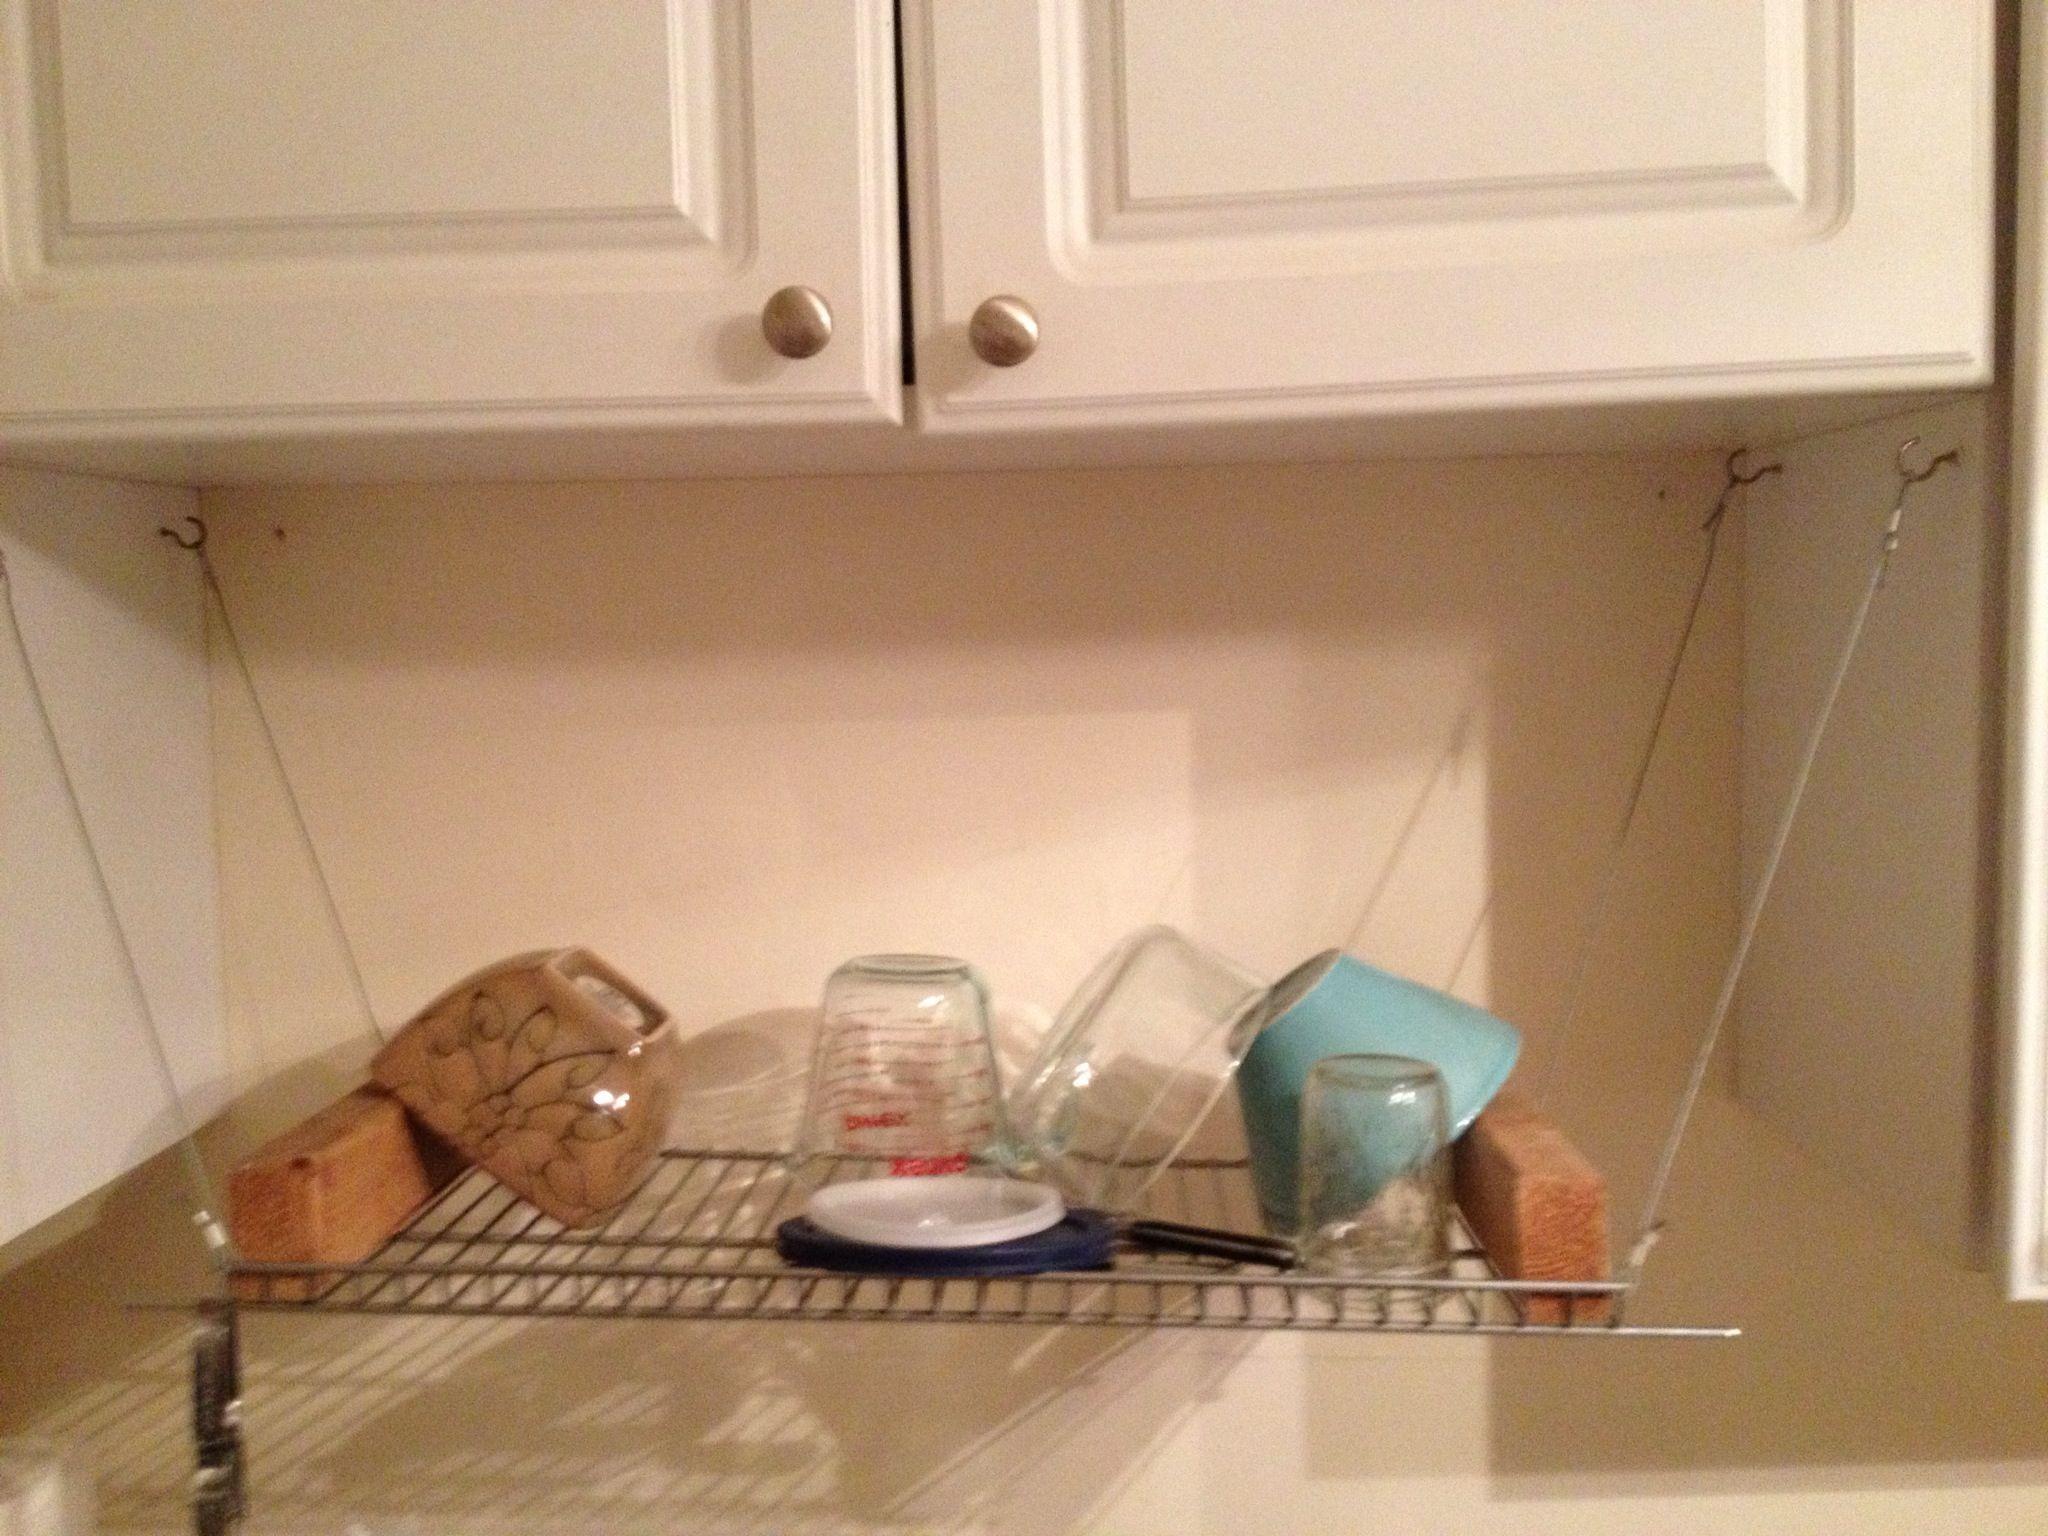 DIY Dish Drying Rack DIY Ideas Pinterest Dish Drying Racks Kitchens And Dish Racks